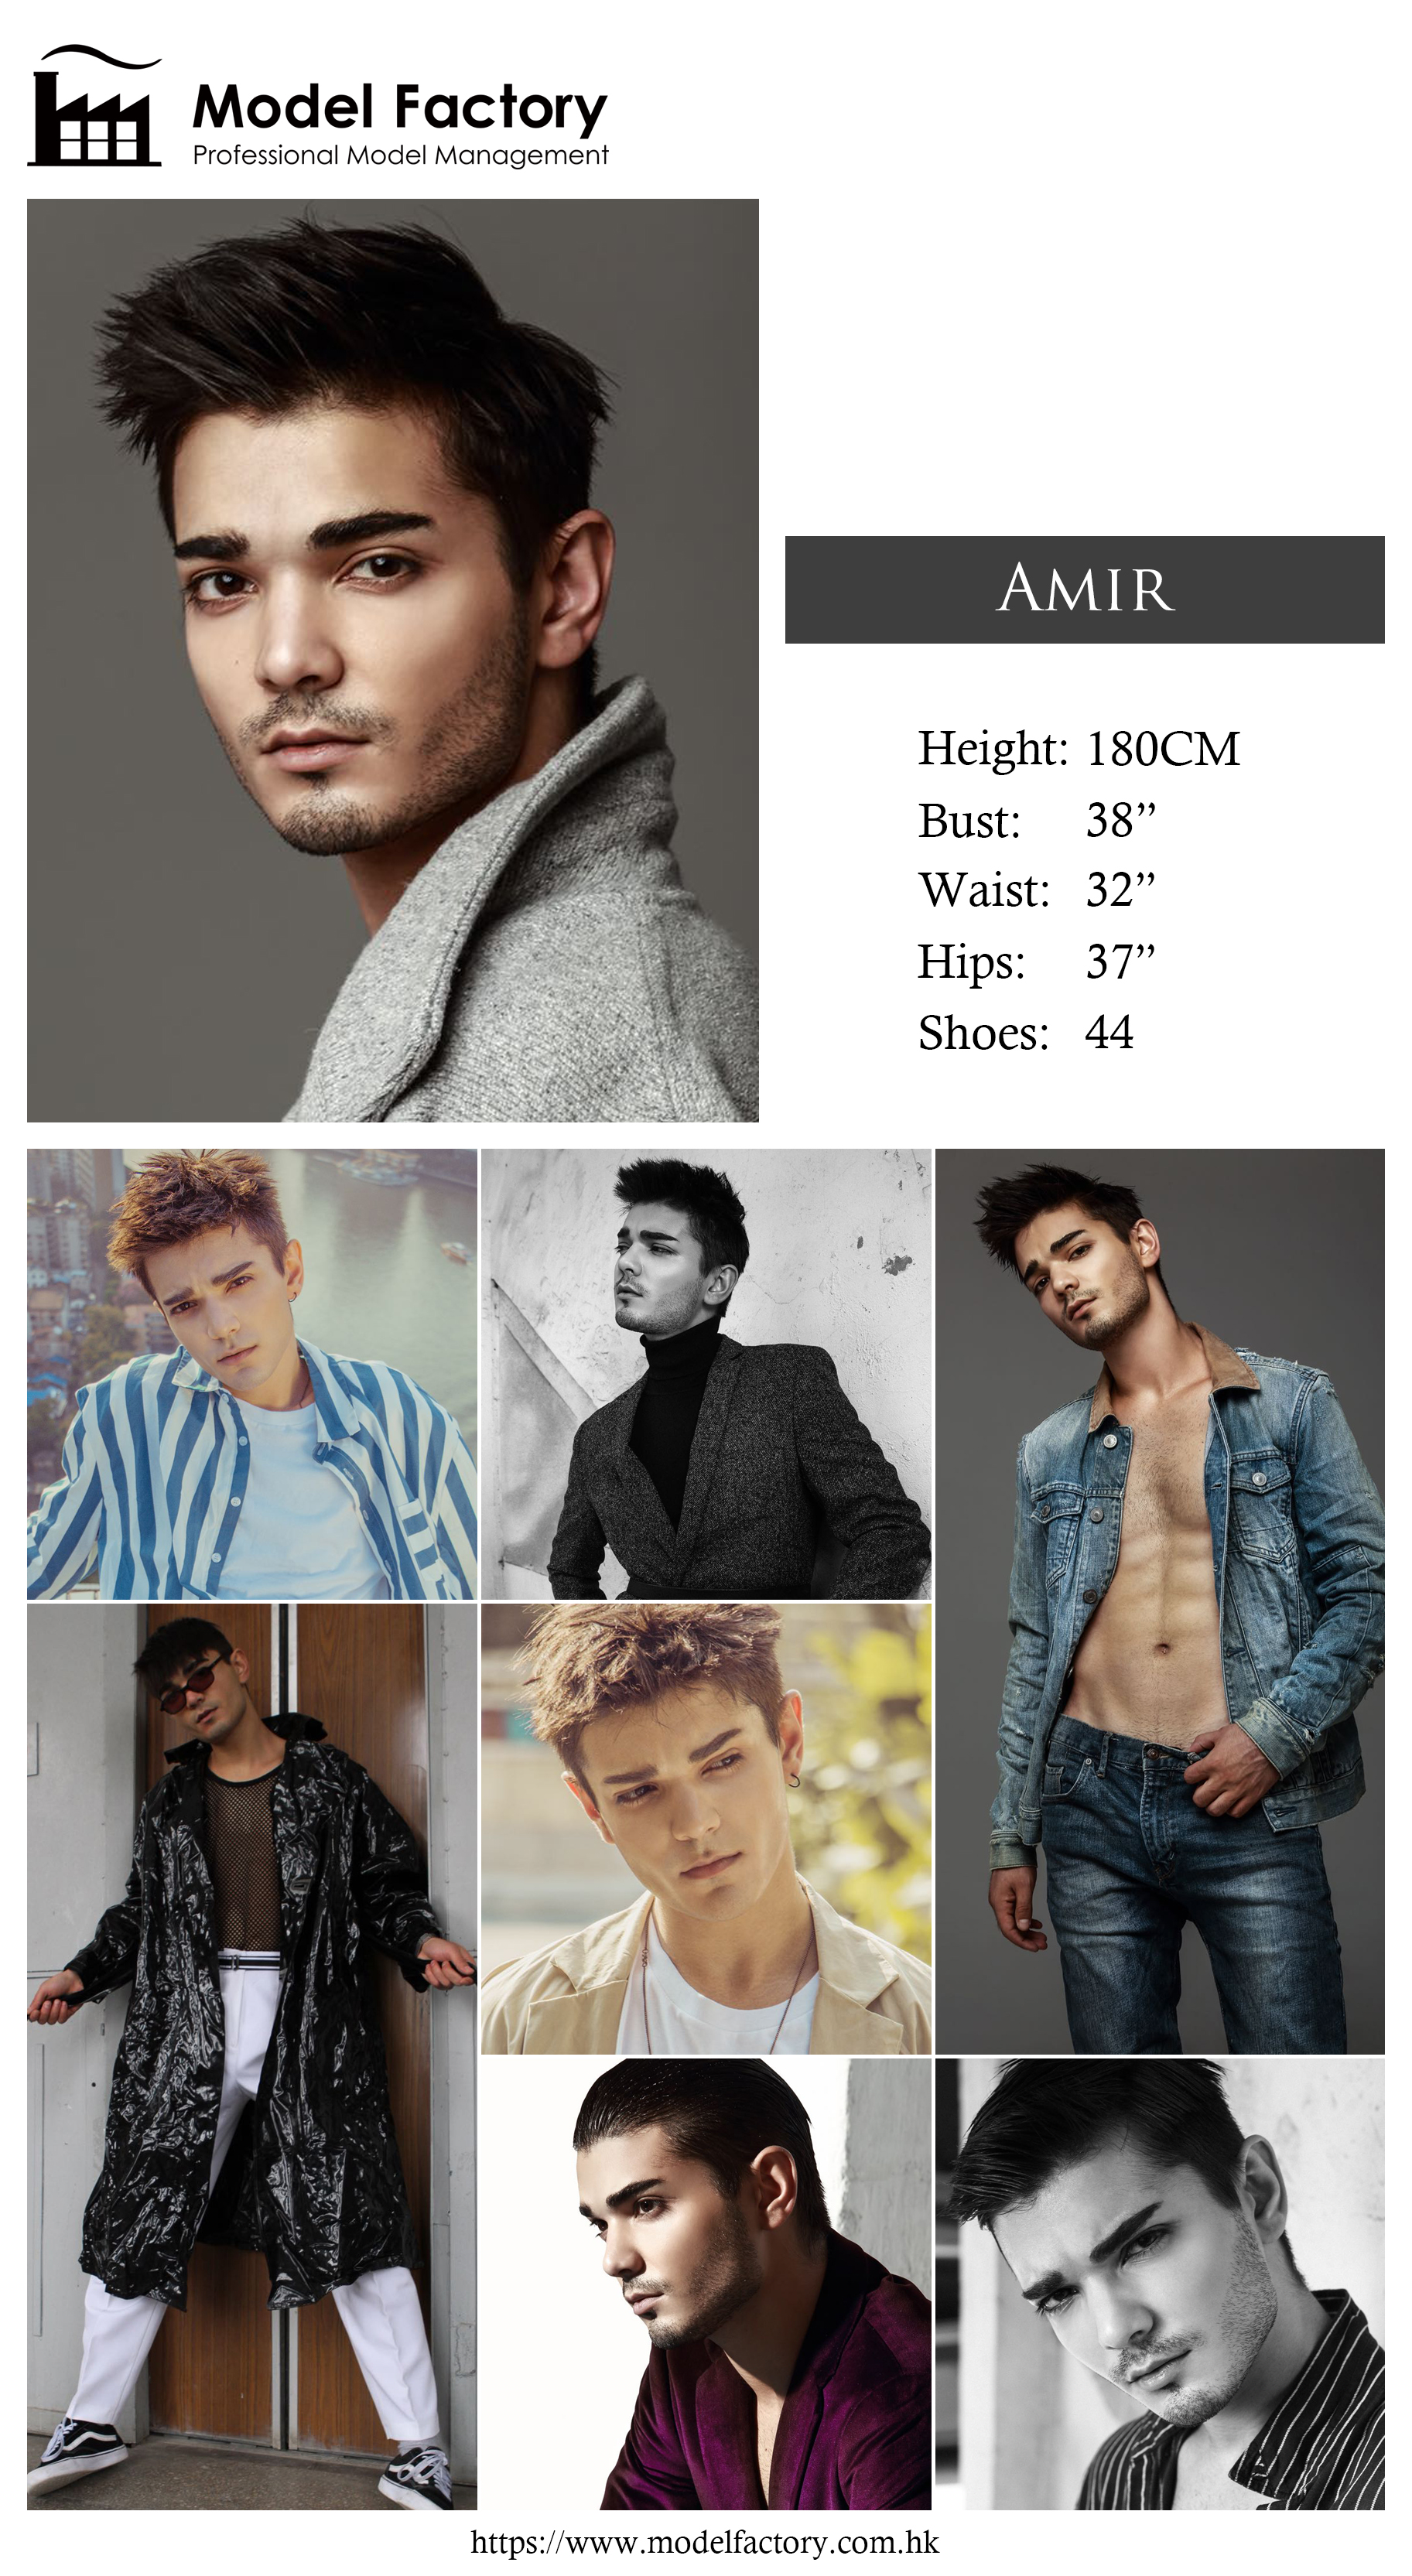 Model Factory Caucasian Male Model Amir